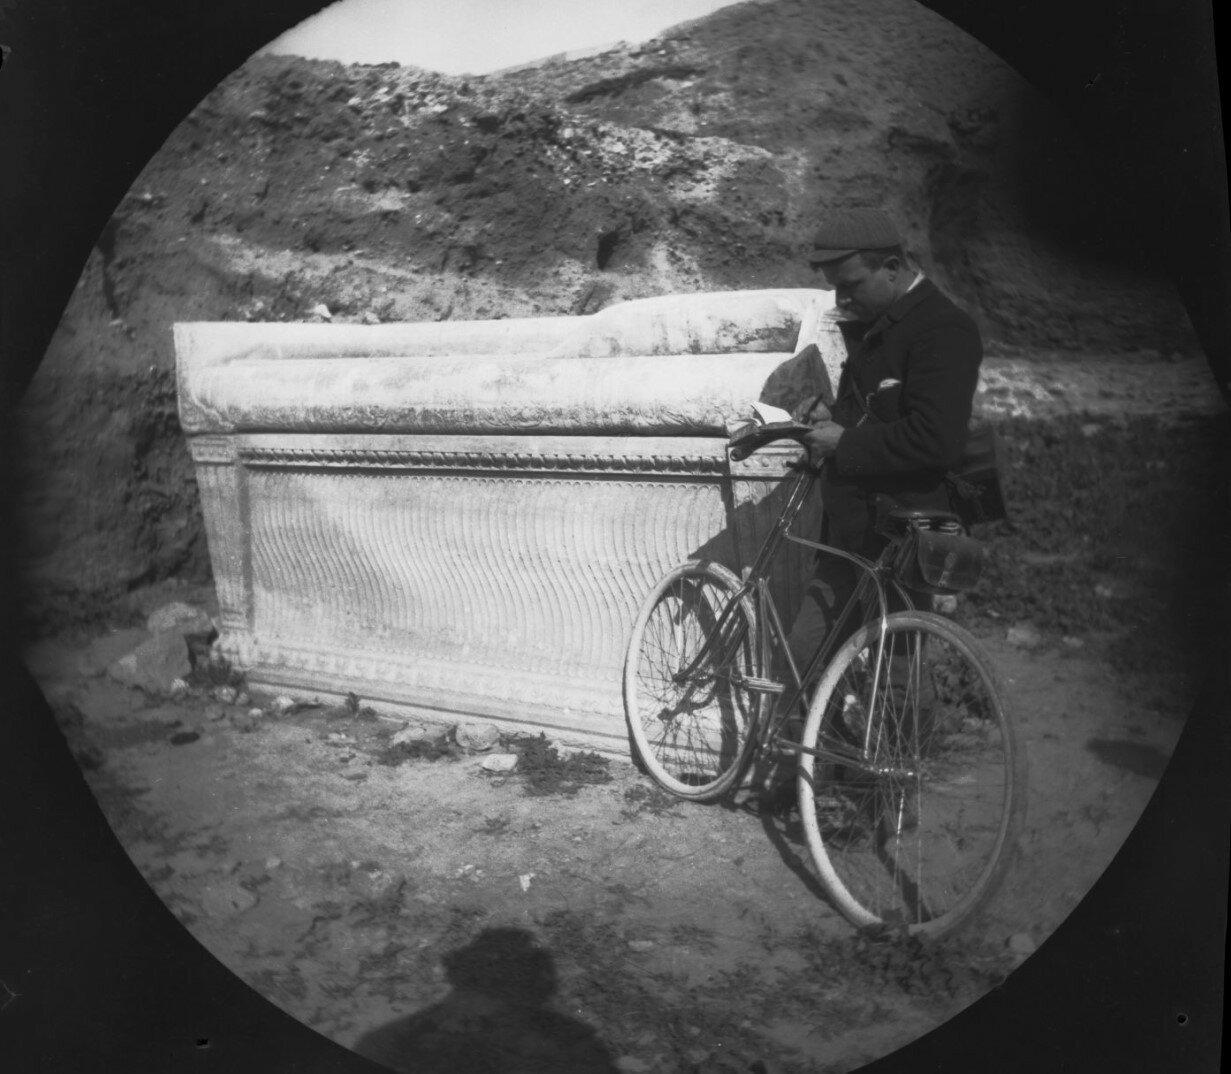 Уильям Захтлебен рядом с римским саркофагом в районе улицы Гробниц